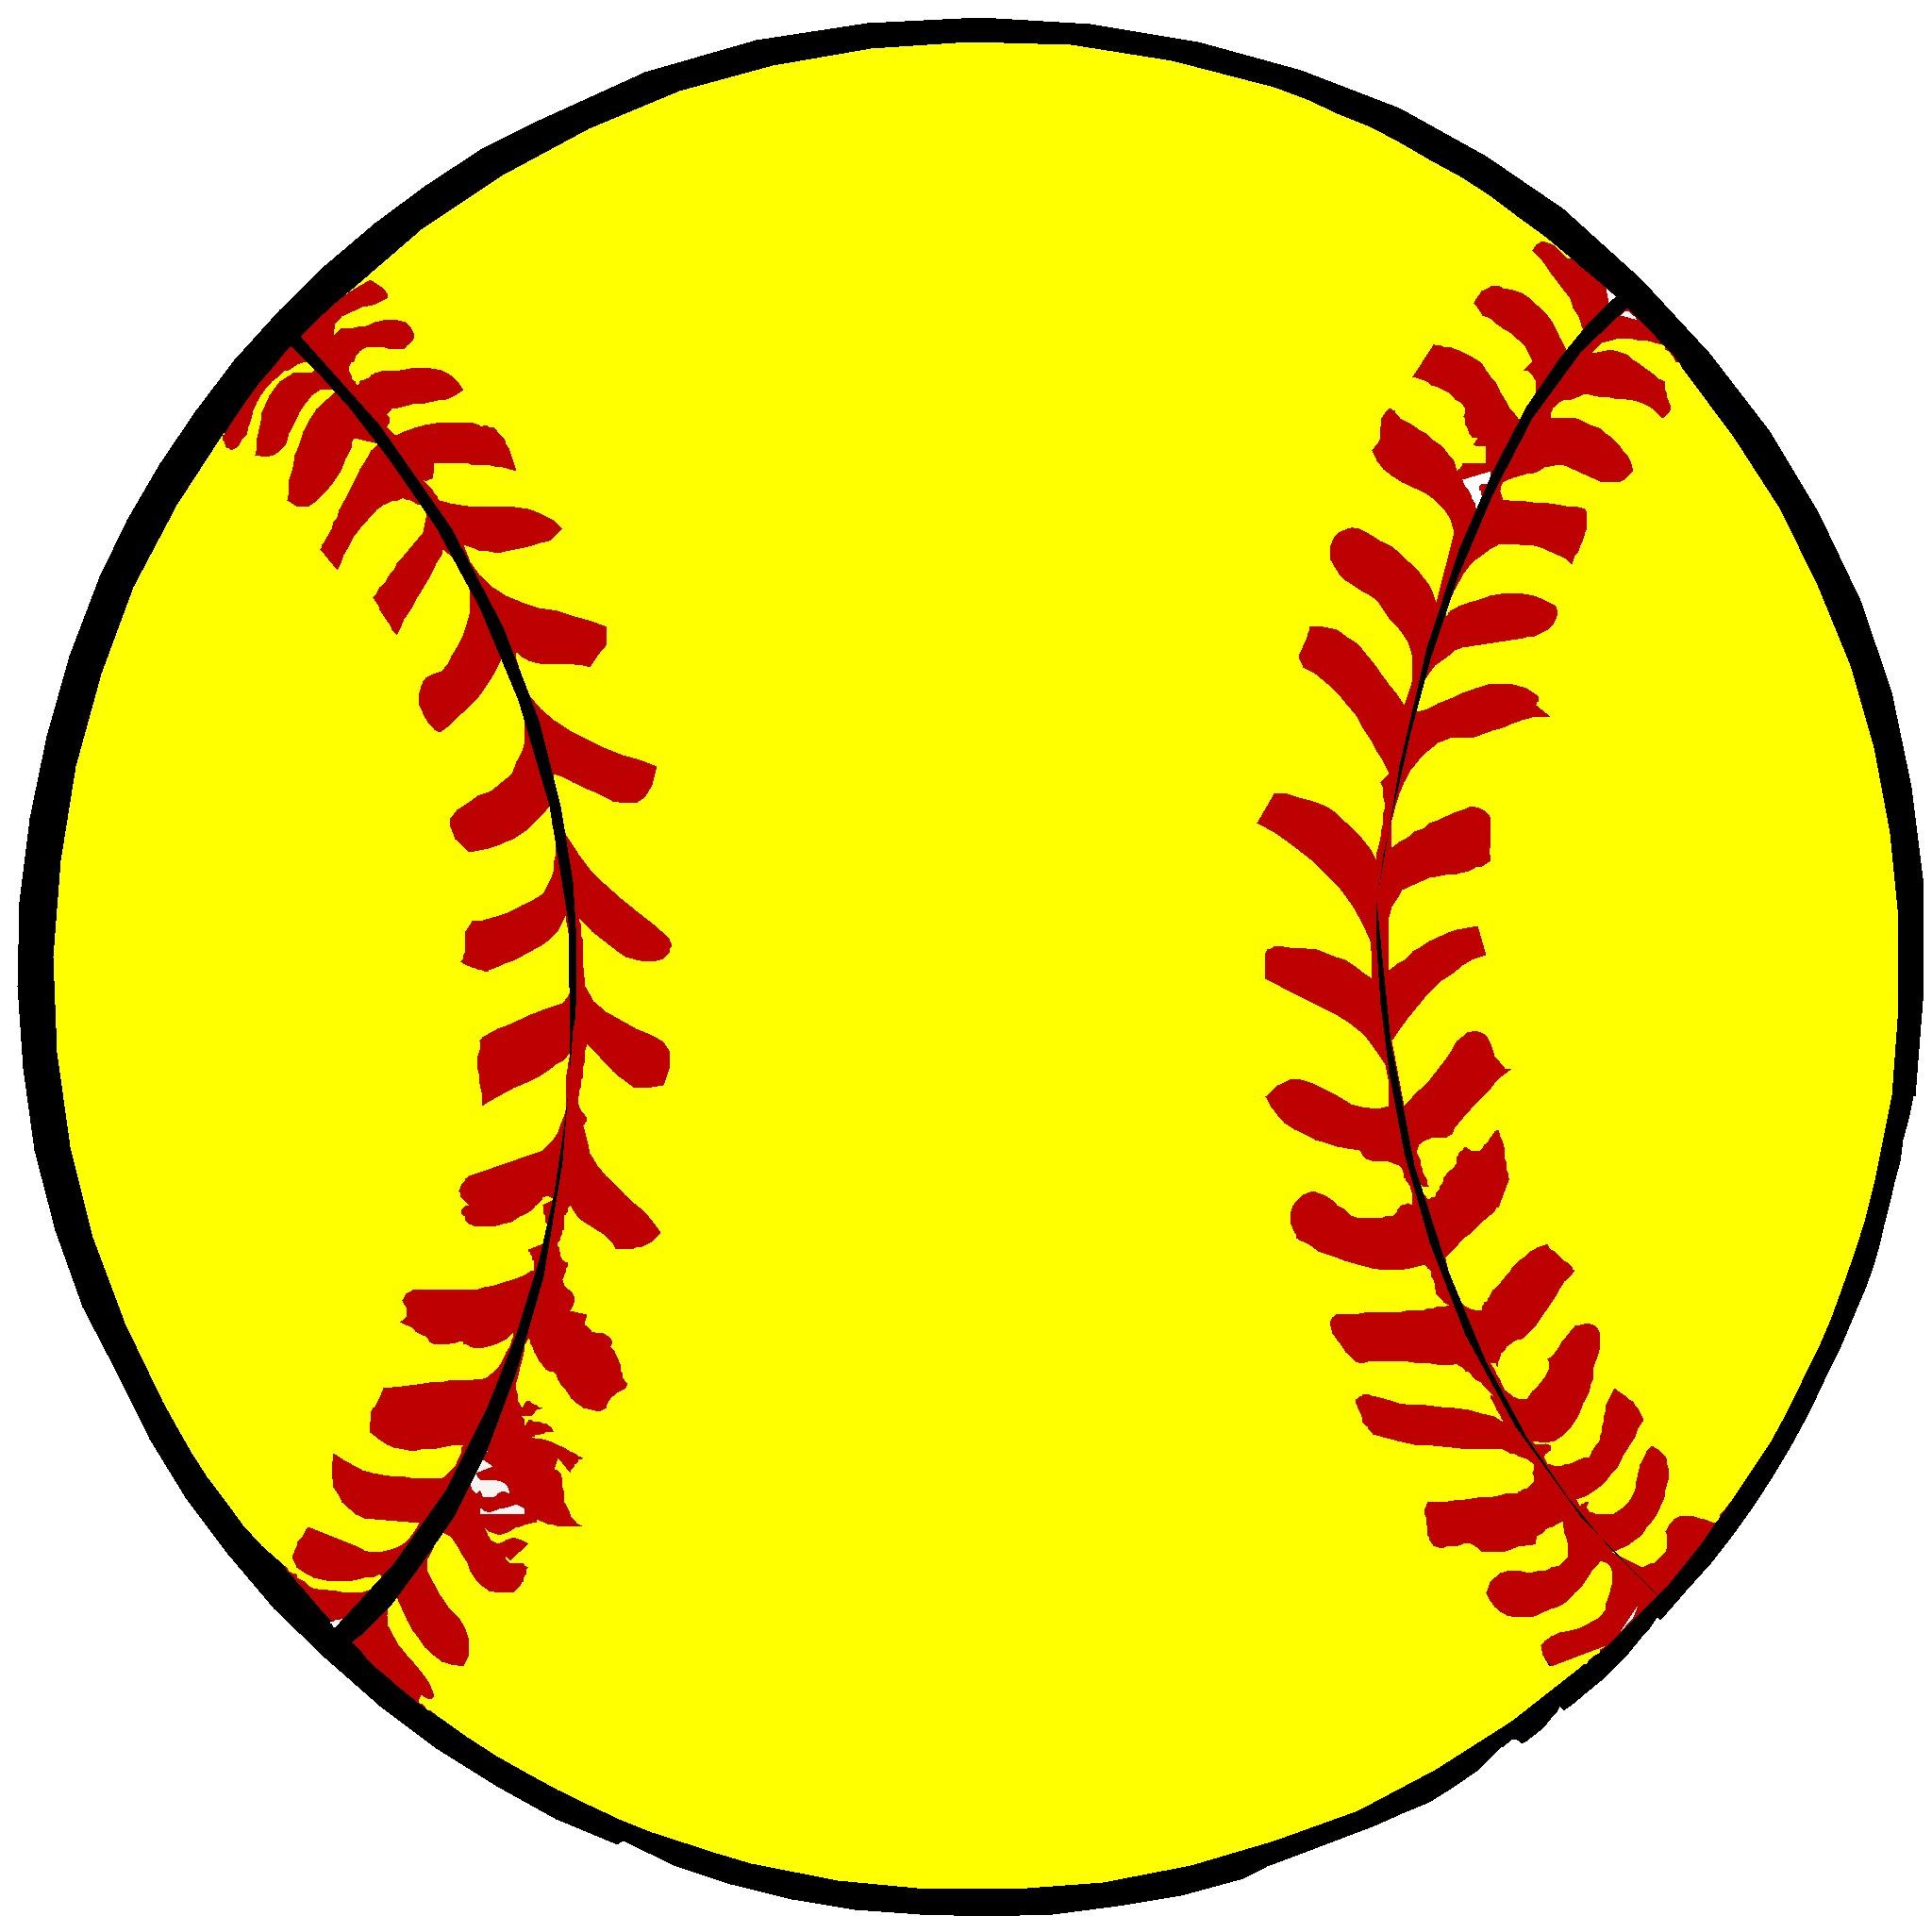 Softball clipart cartoon. Best clip art clipartion